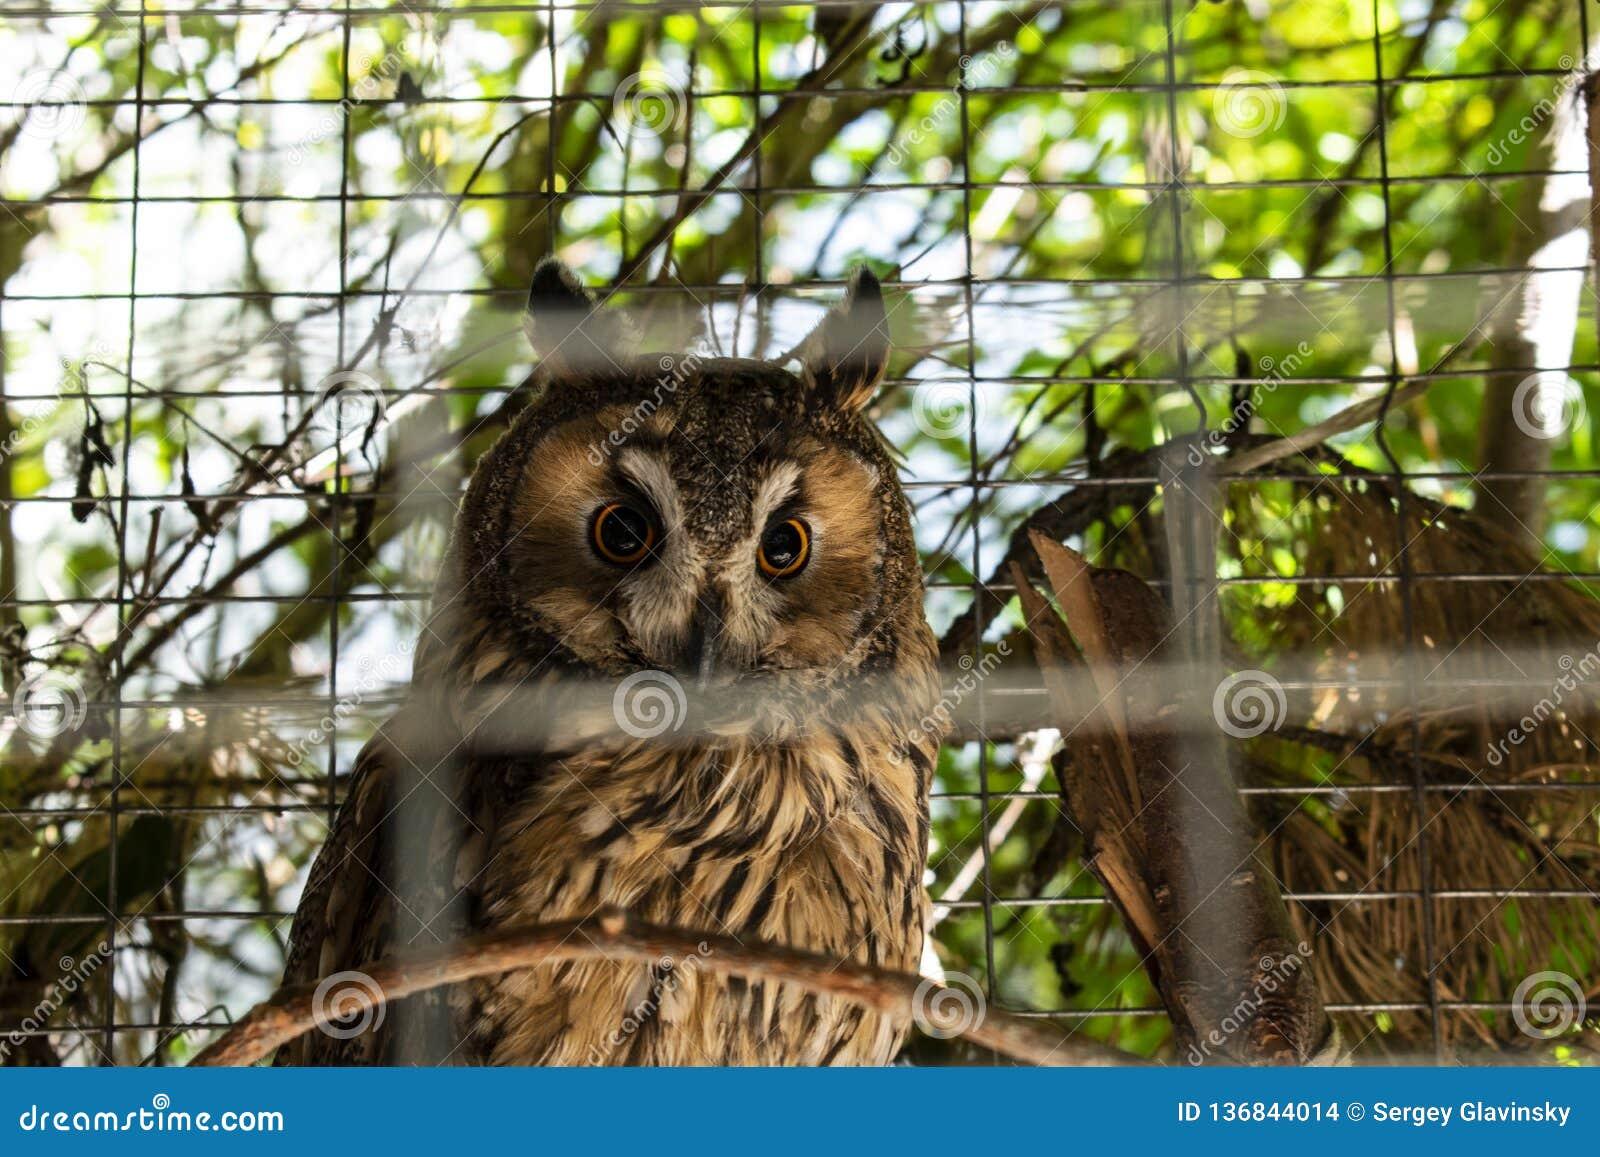 Búho siberiano que se sienta en una jaula